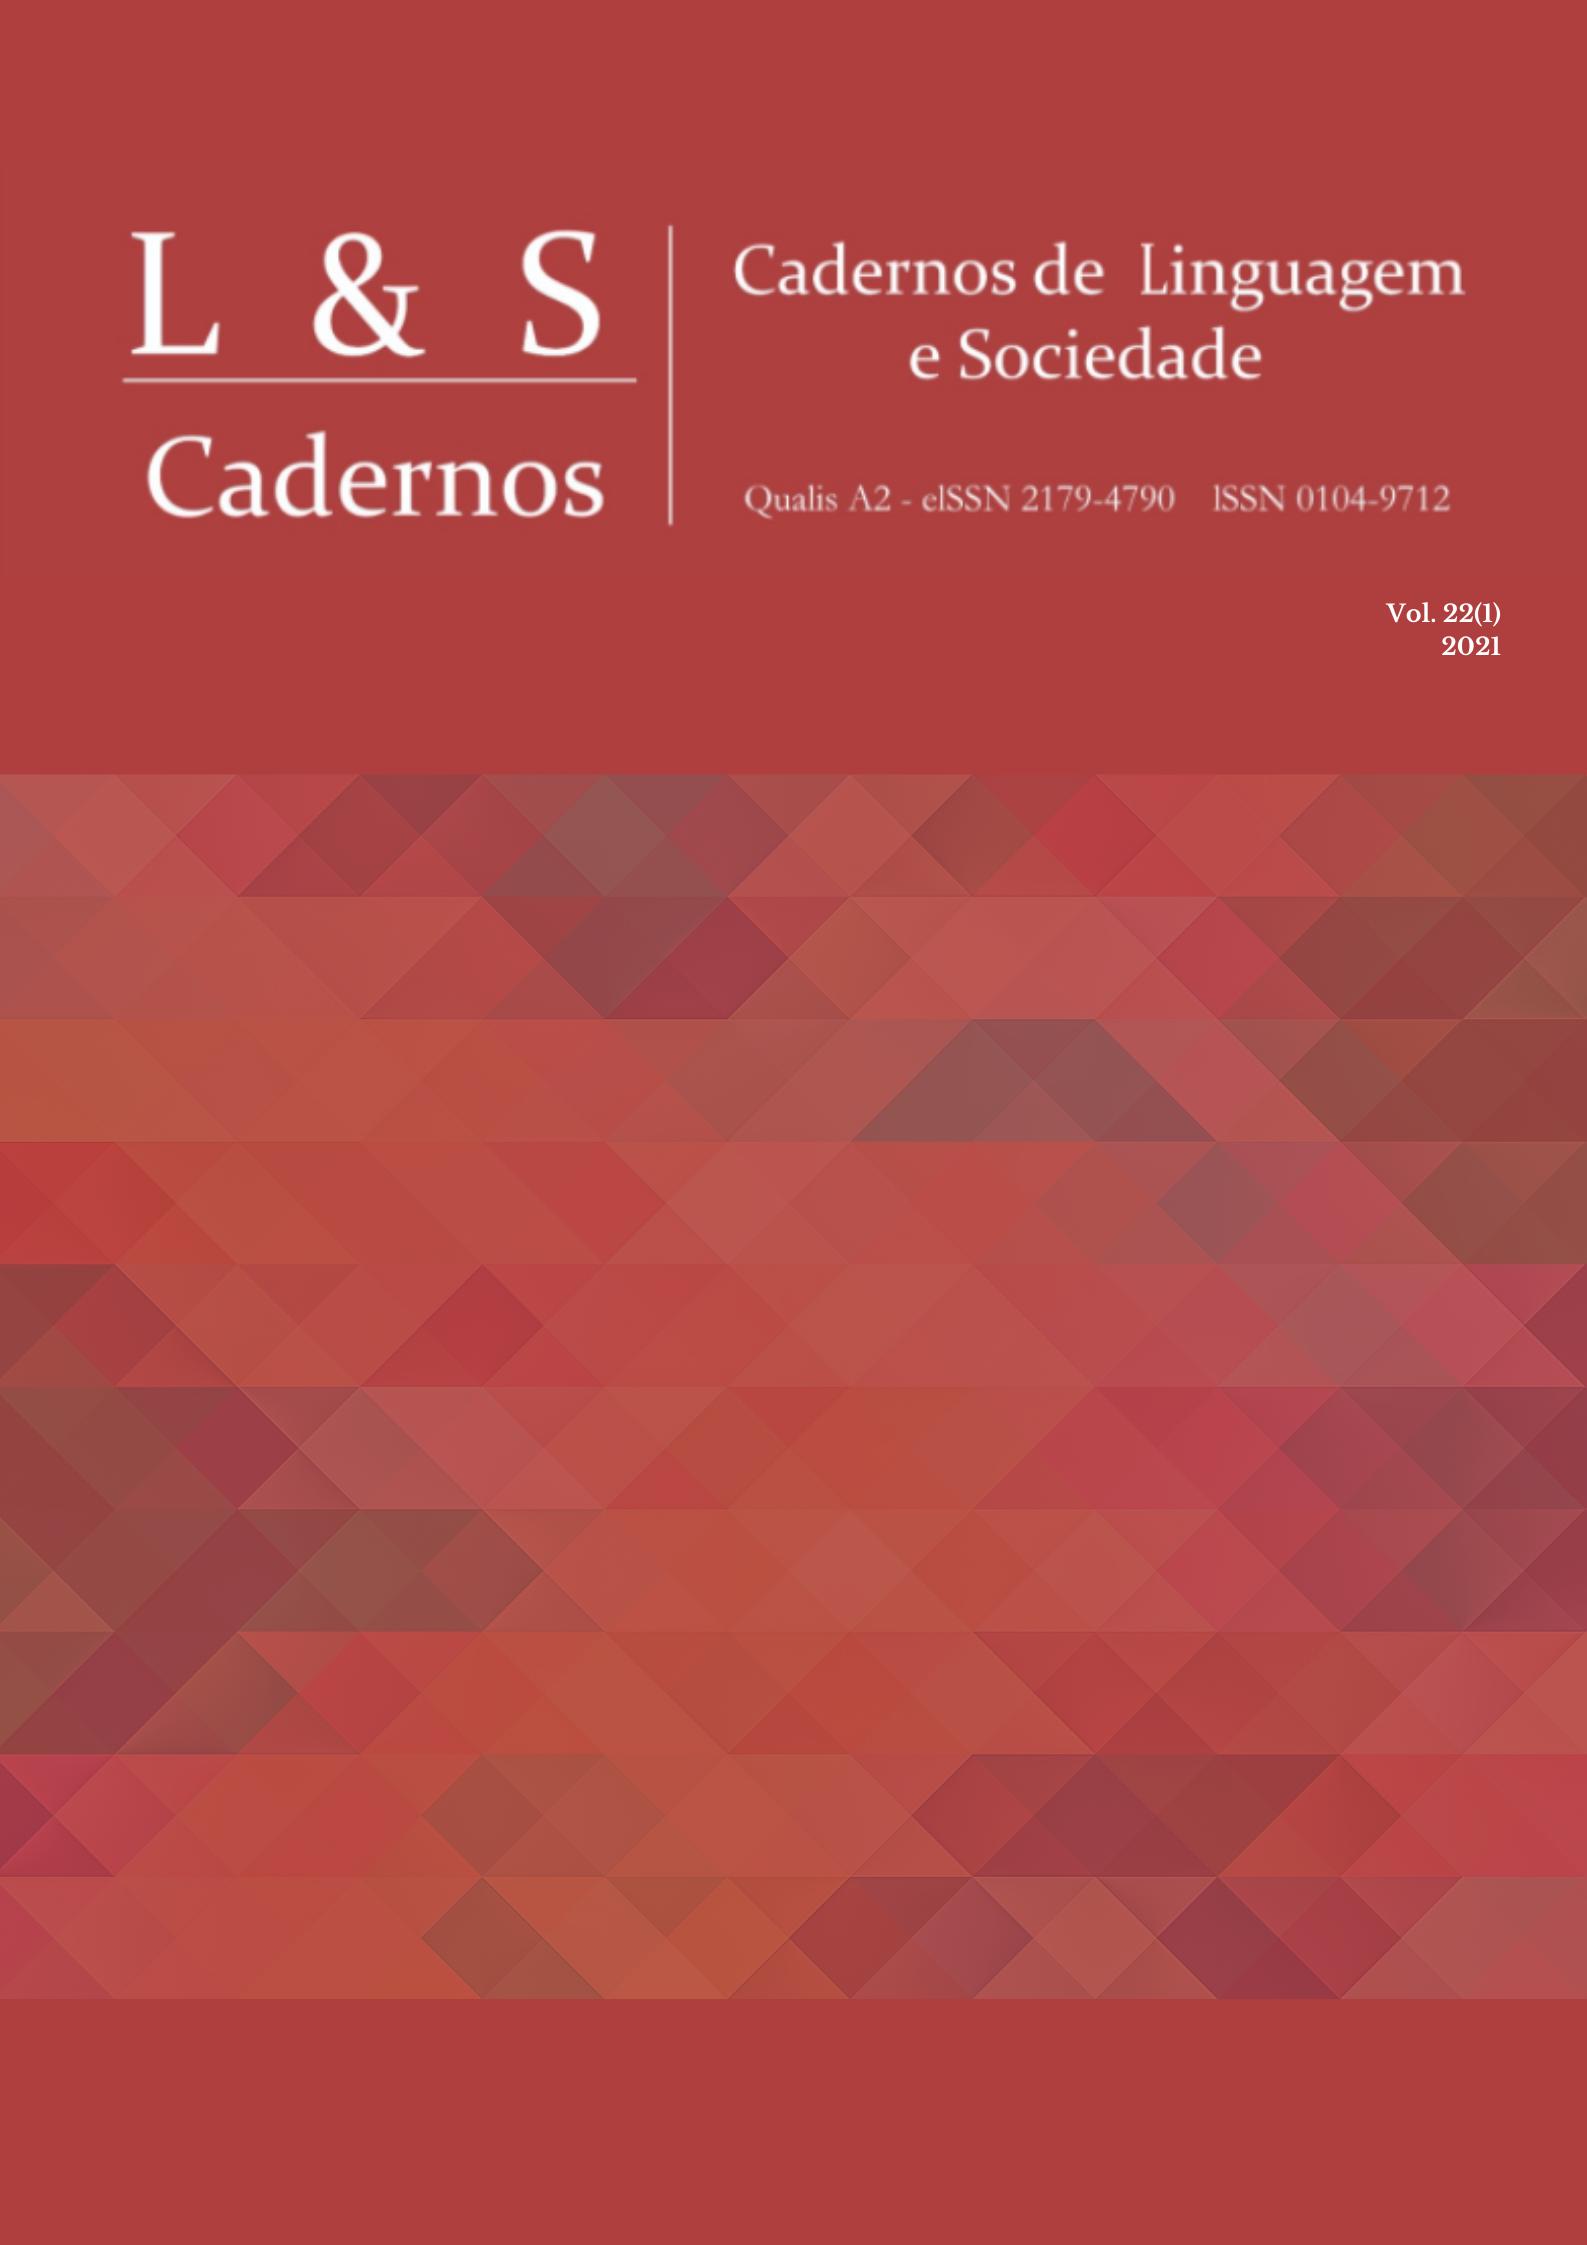 Visualizar v. 22 n. 1 (2021): Dossiê Estudos em Semiótica Social na América Latina e Fluxo contínuo